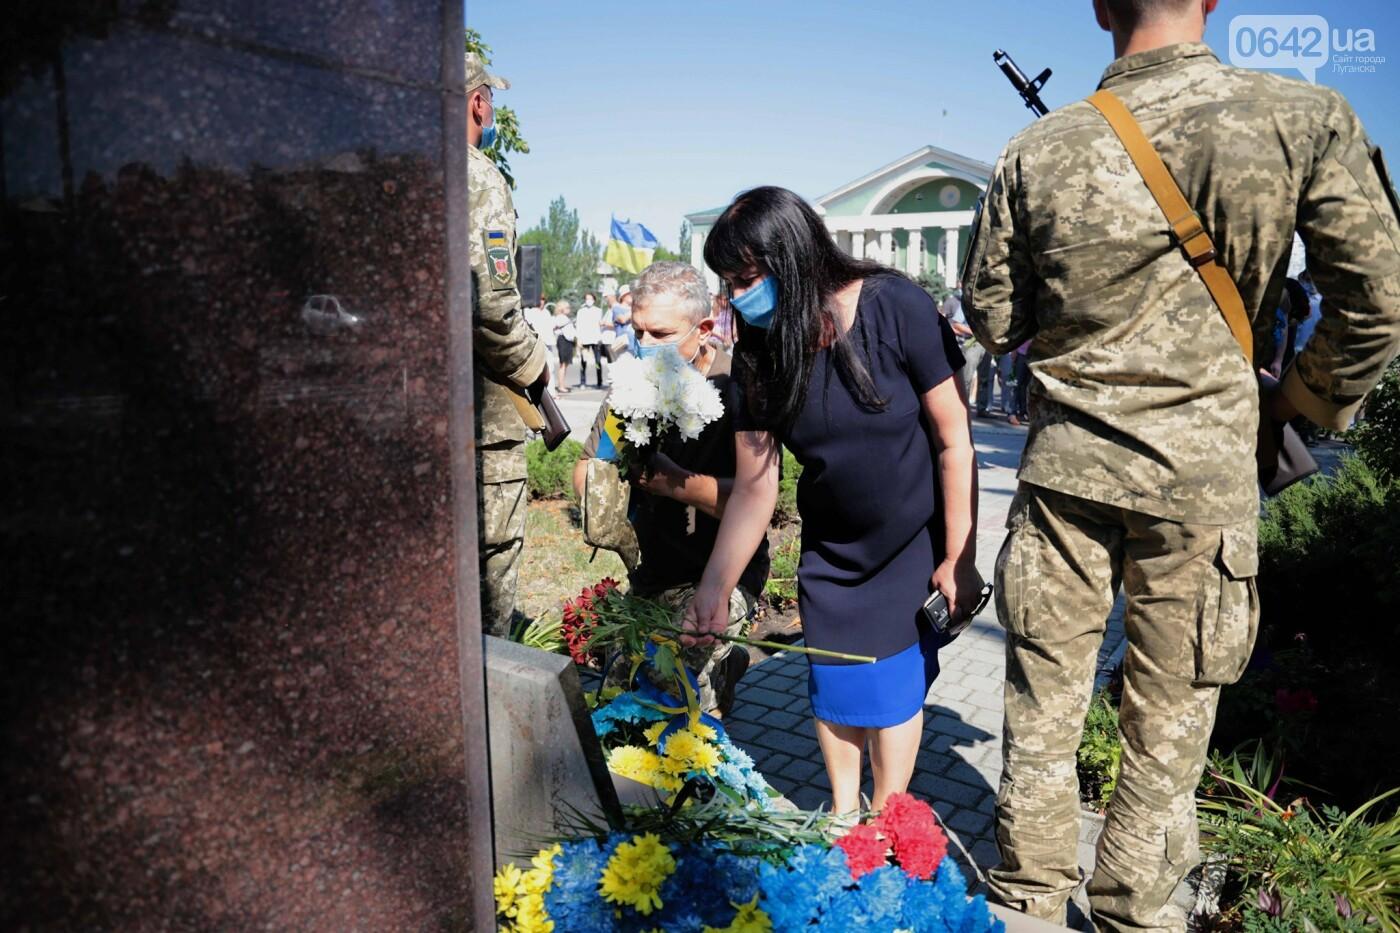 На Луганщине почтили память освободителей Северодонецка, - ФОТО, фото-2